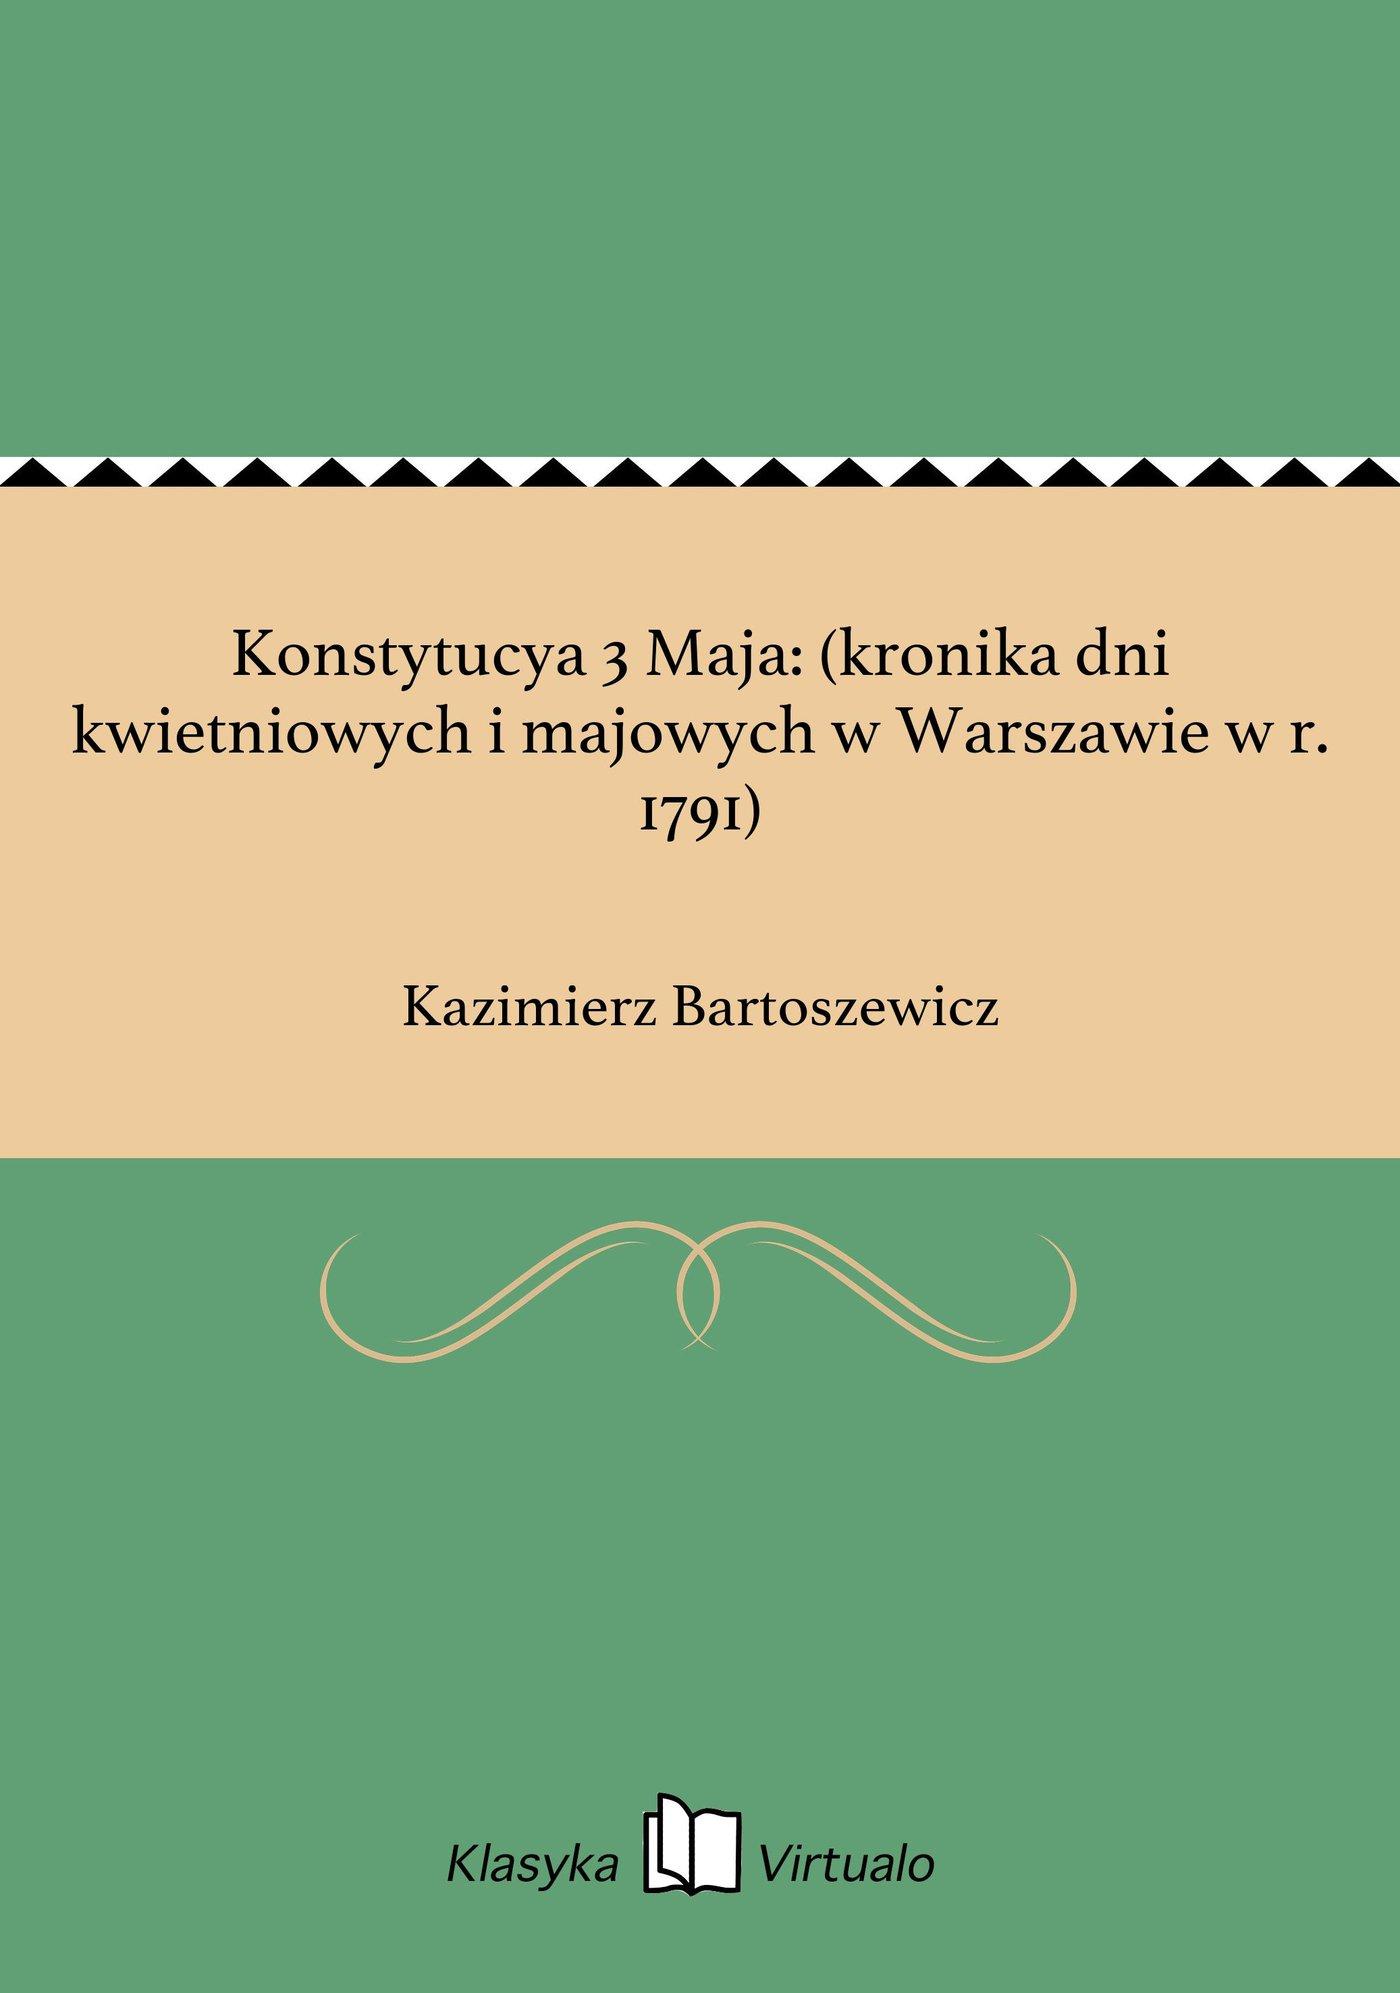 Konstytucya 3 Maja: (kronika dni kwietniowych i majowych w Warszawie w r. 1791) - Ebook (Książka EPUB) do pobrania w formacie EPUB